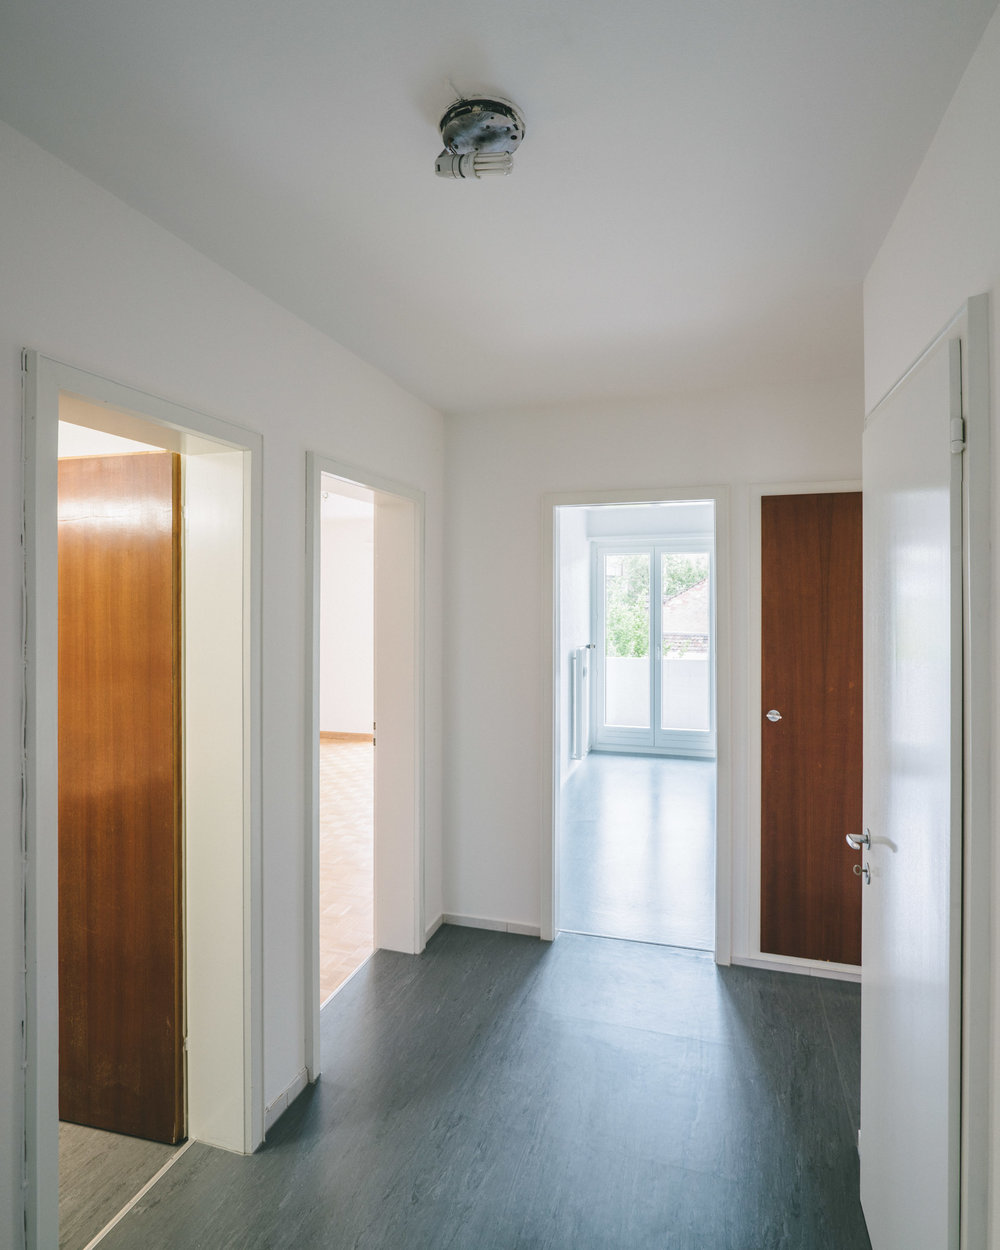 Innensanierung Basel Eingang, Consilium Architektur und Baumanagement